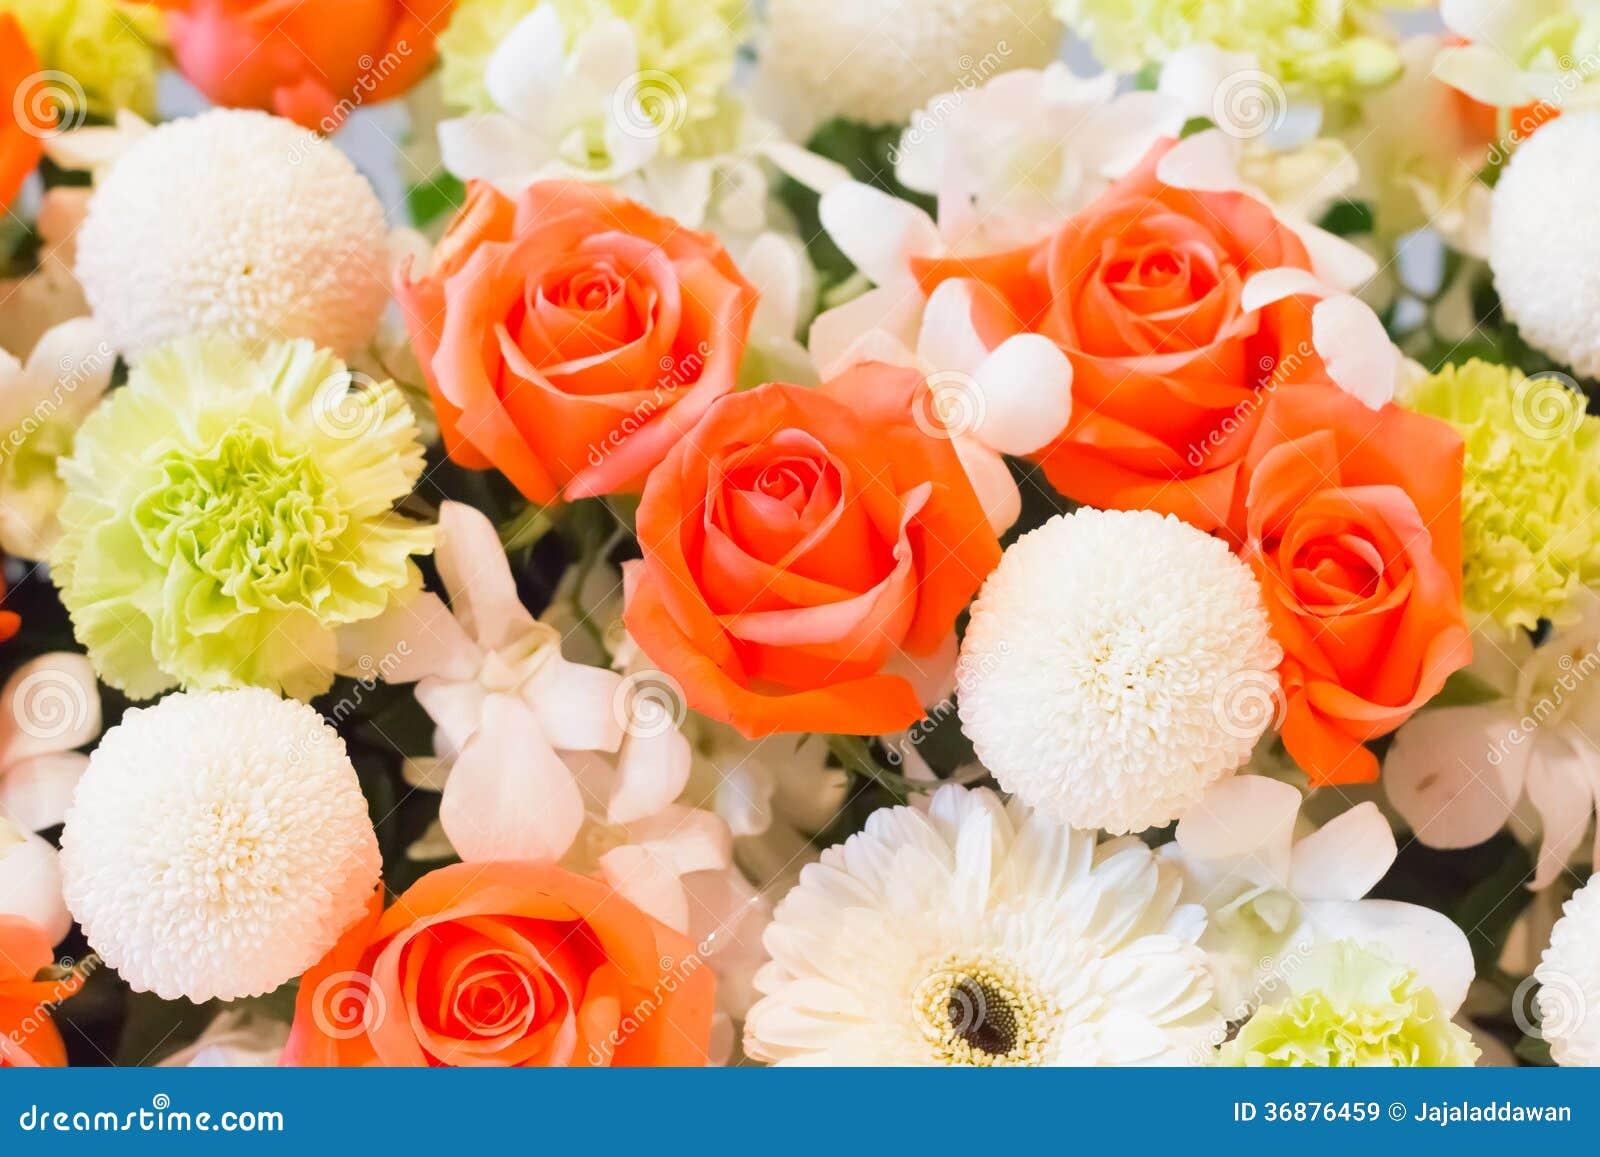 Download Arancia rosa ed orchidea immagine stock. Immagine di contesto - 36876459